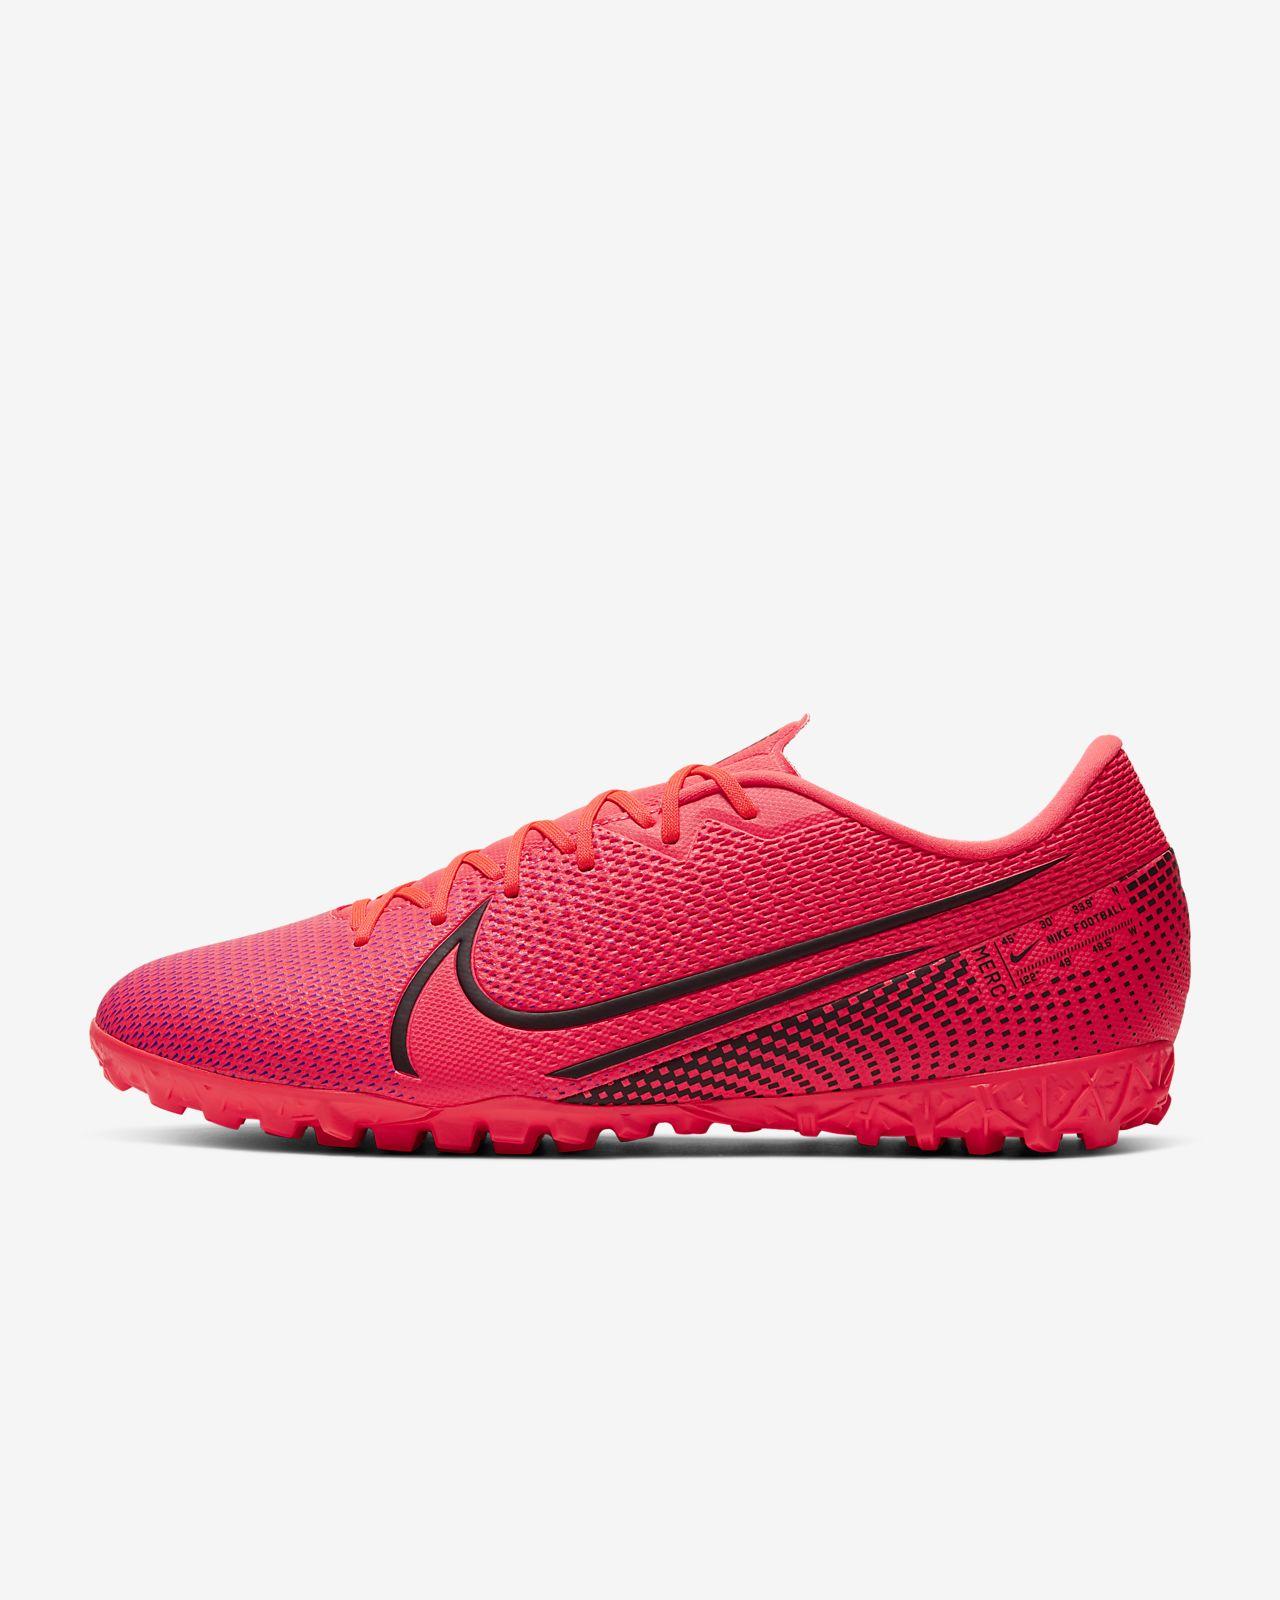 Sapatilhas de futebol para relvado Nike Mercurial Vapor 13 Academy TF